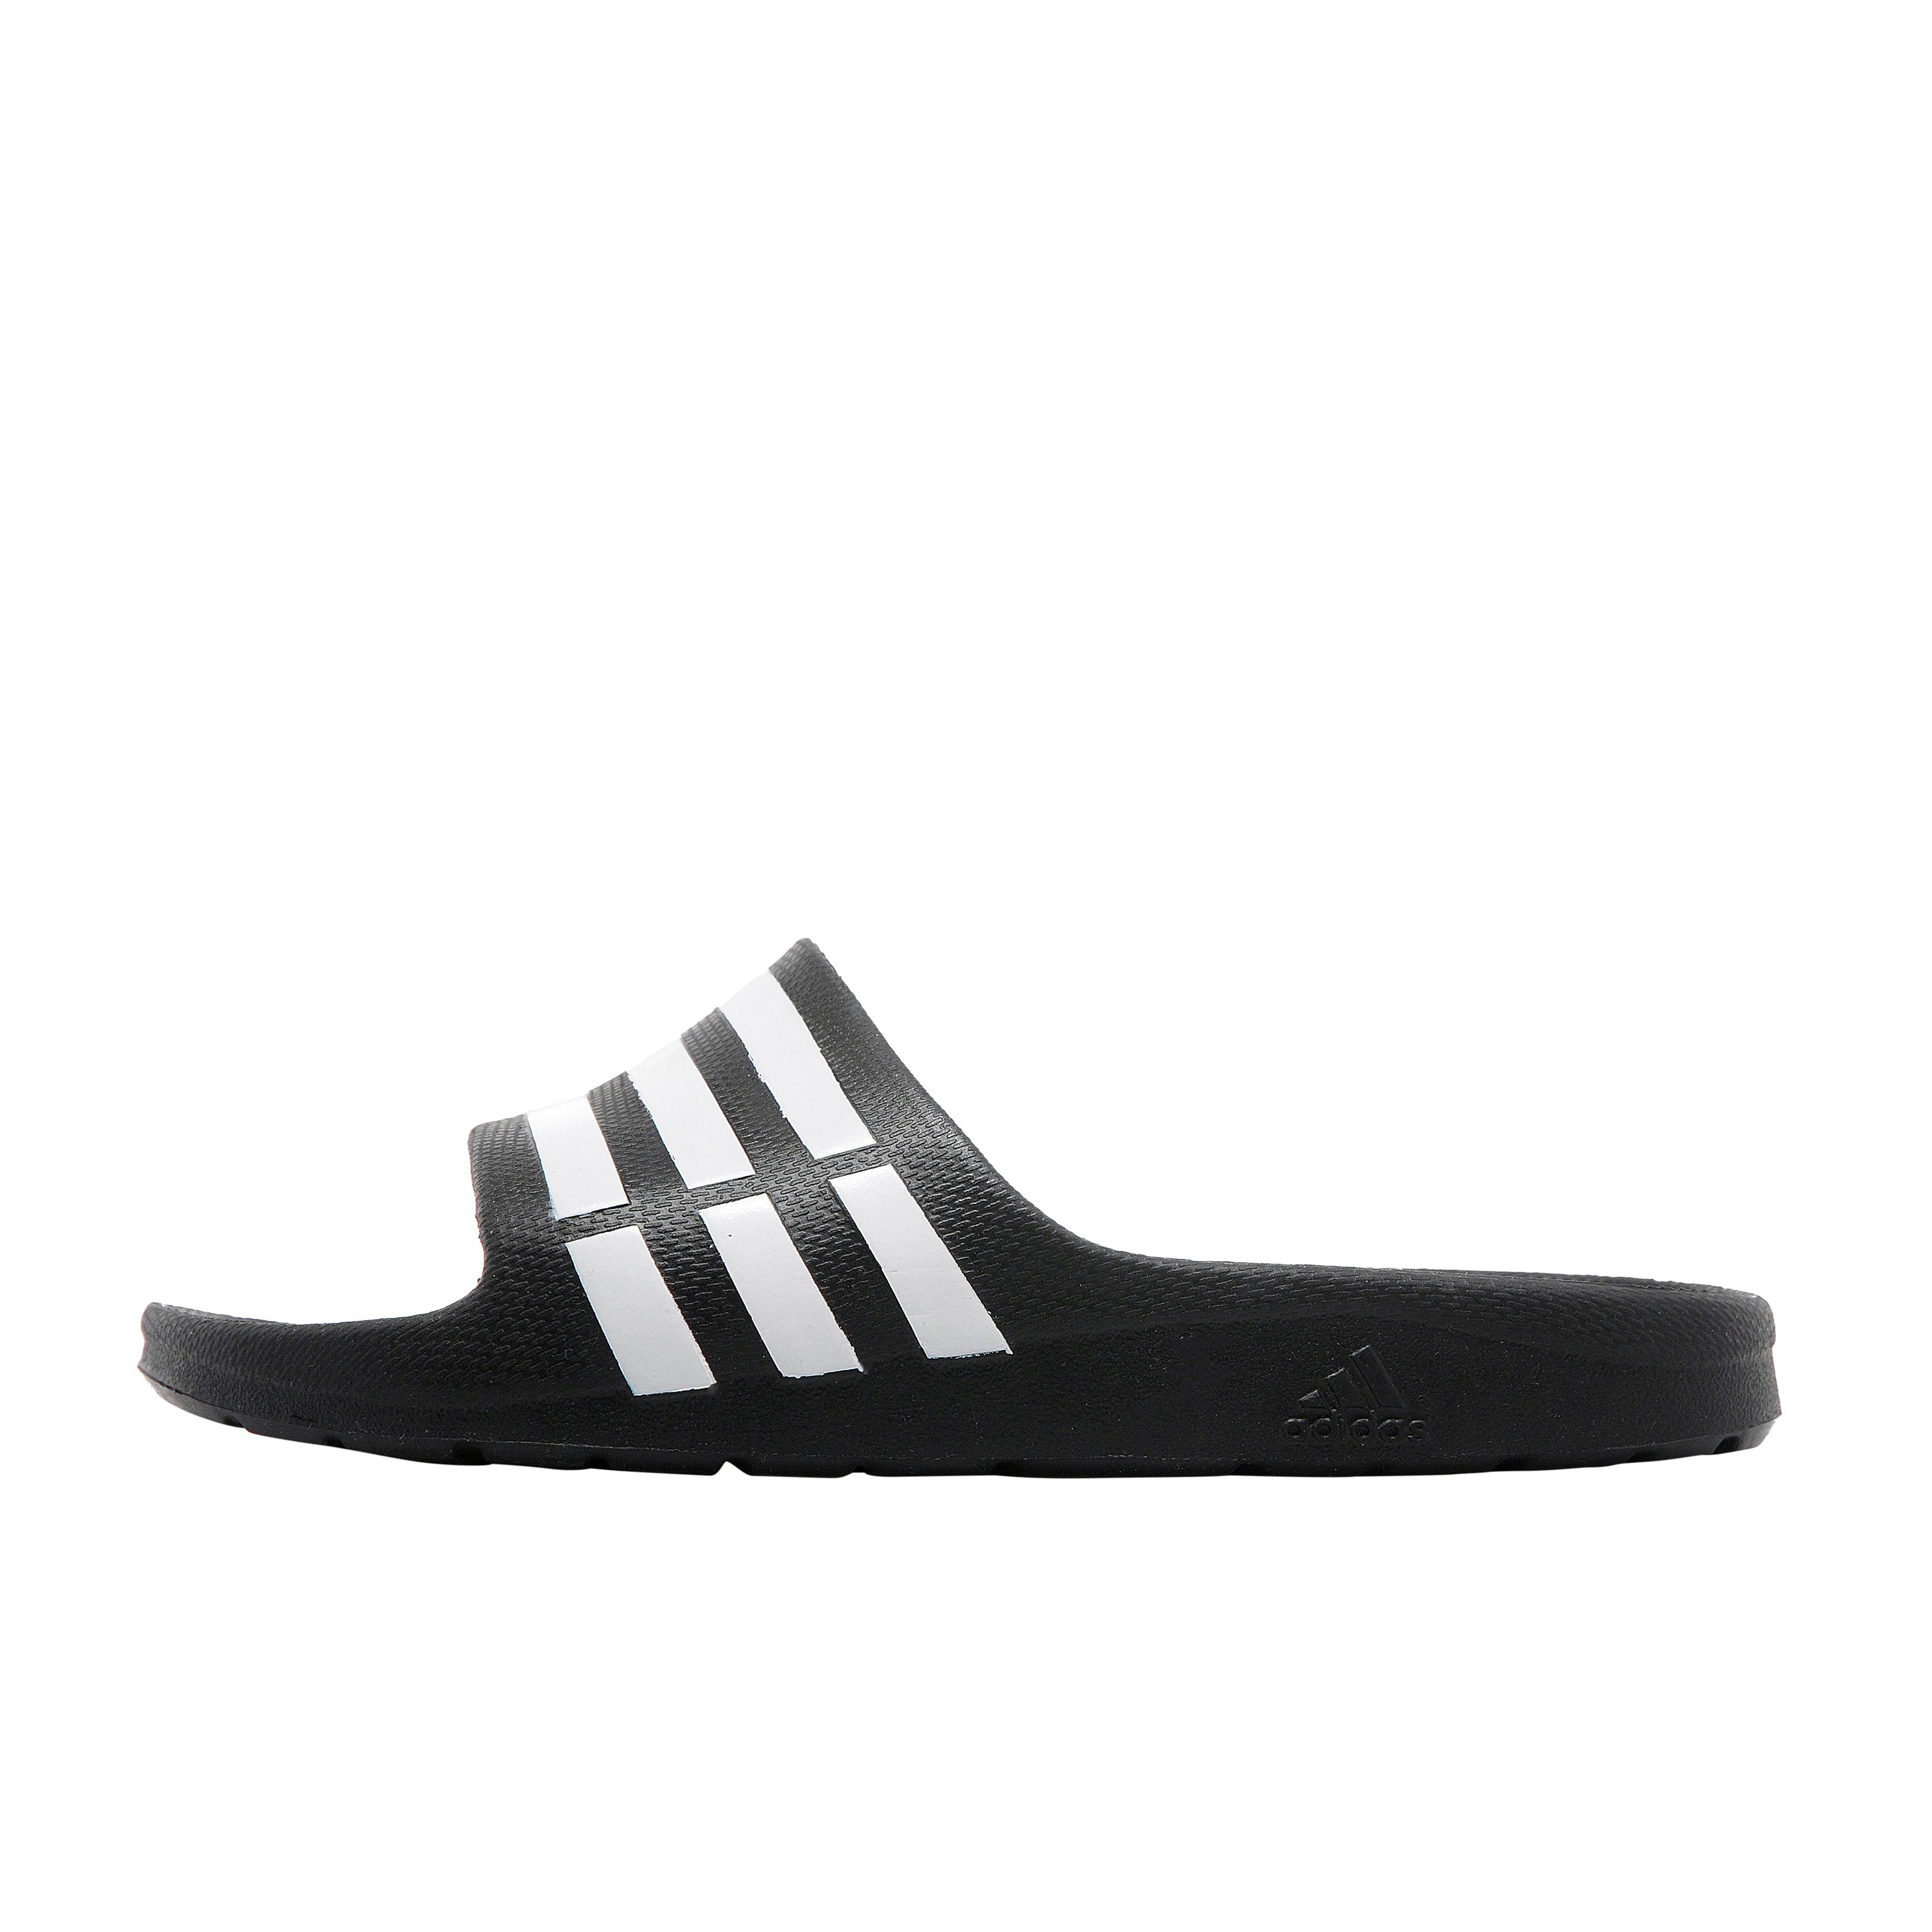 adidas Duramo Slide Junior Sandals